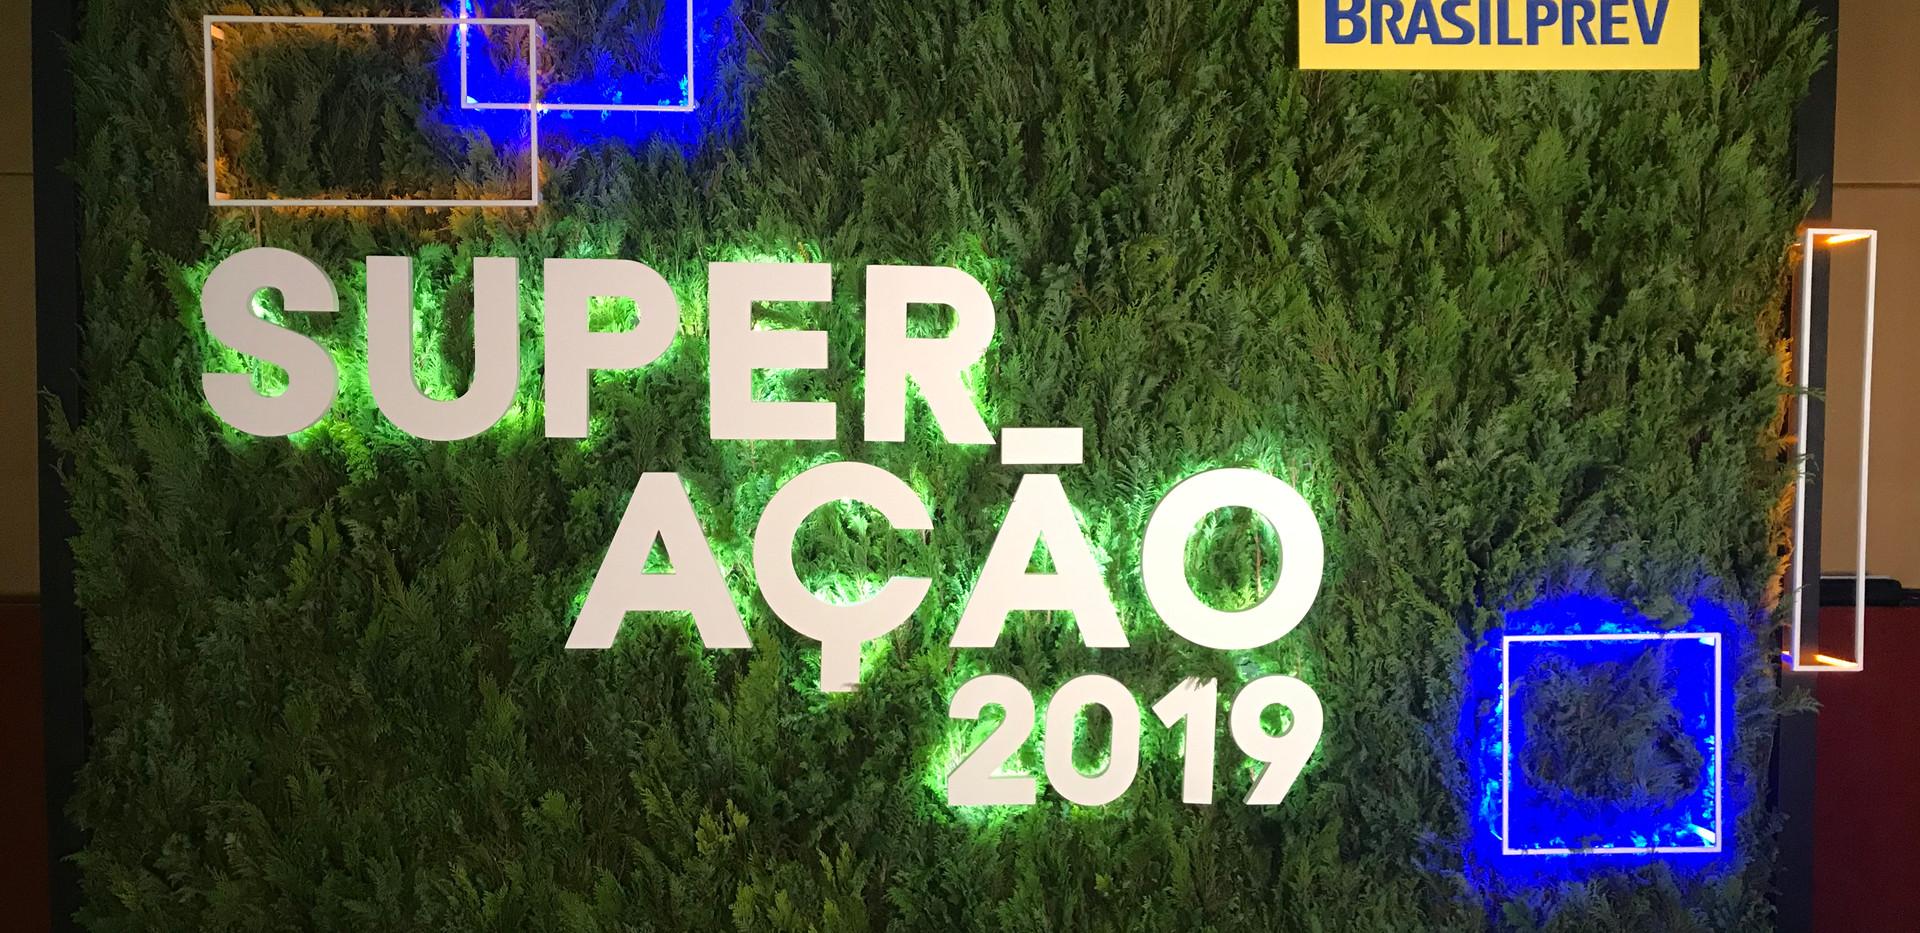 Evento_Dicom_BrasilPrev_Painel_de_Fotos